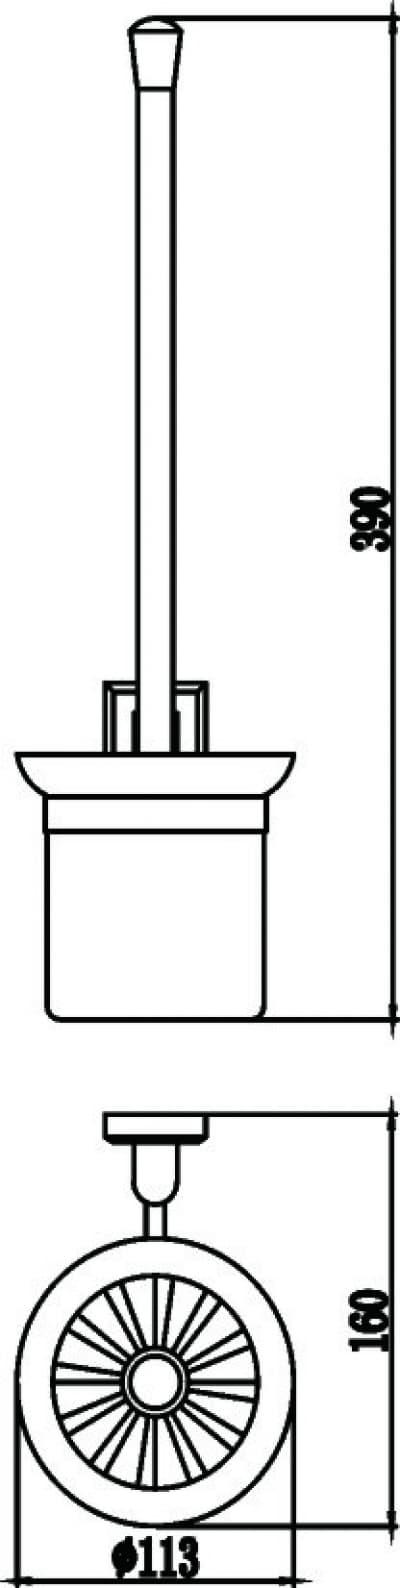 Щетка для унитаза Savol S-009594